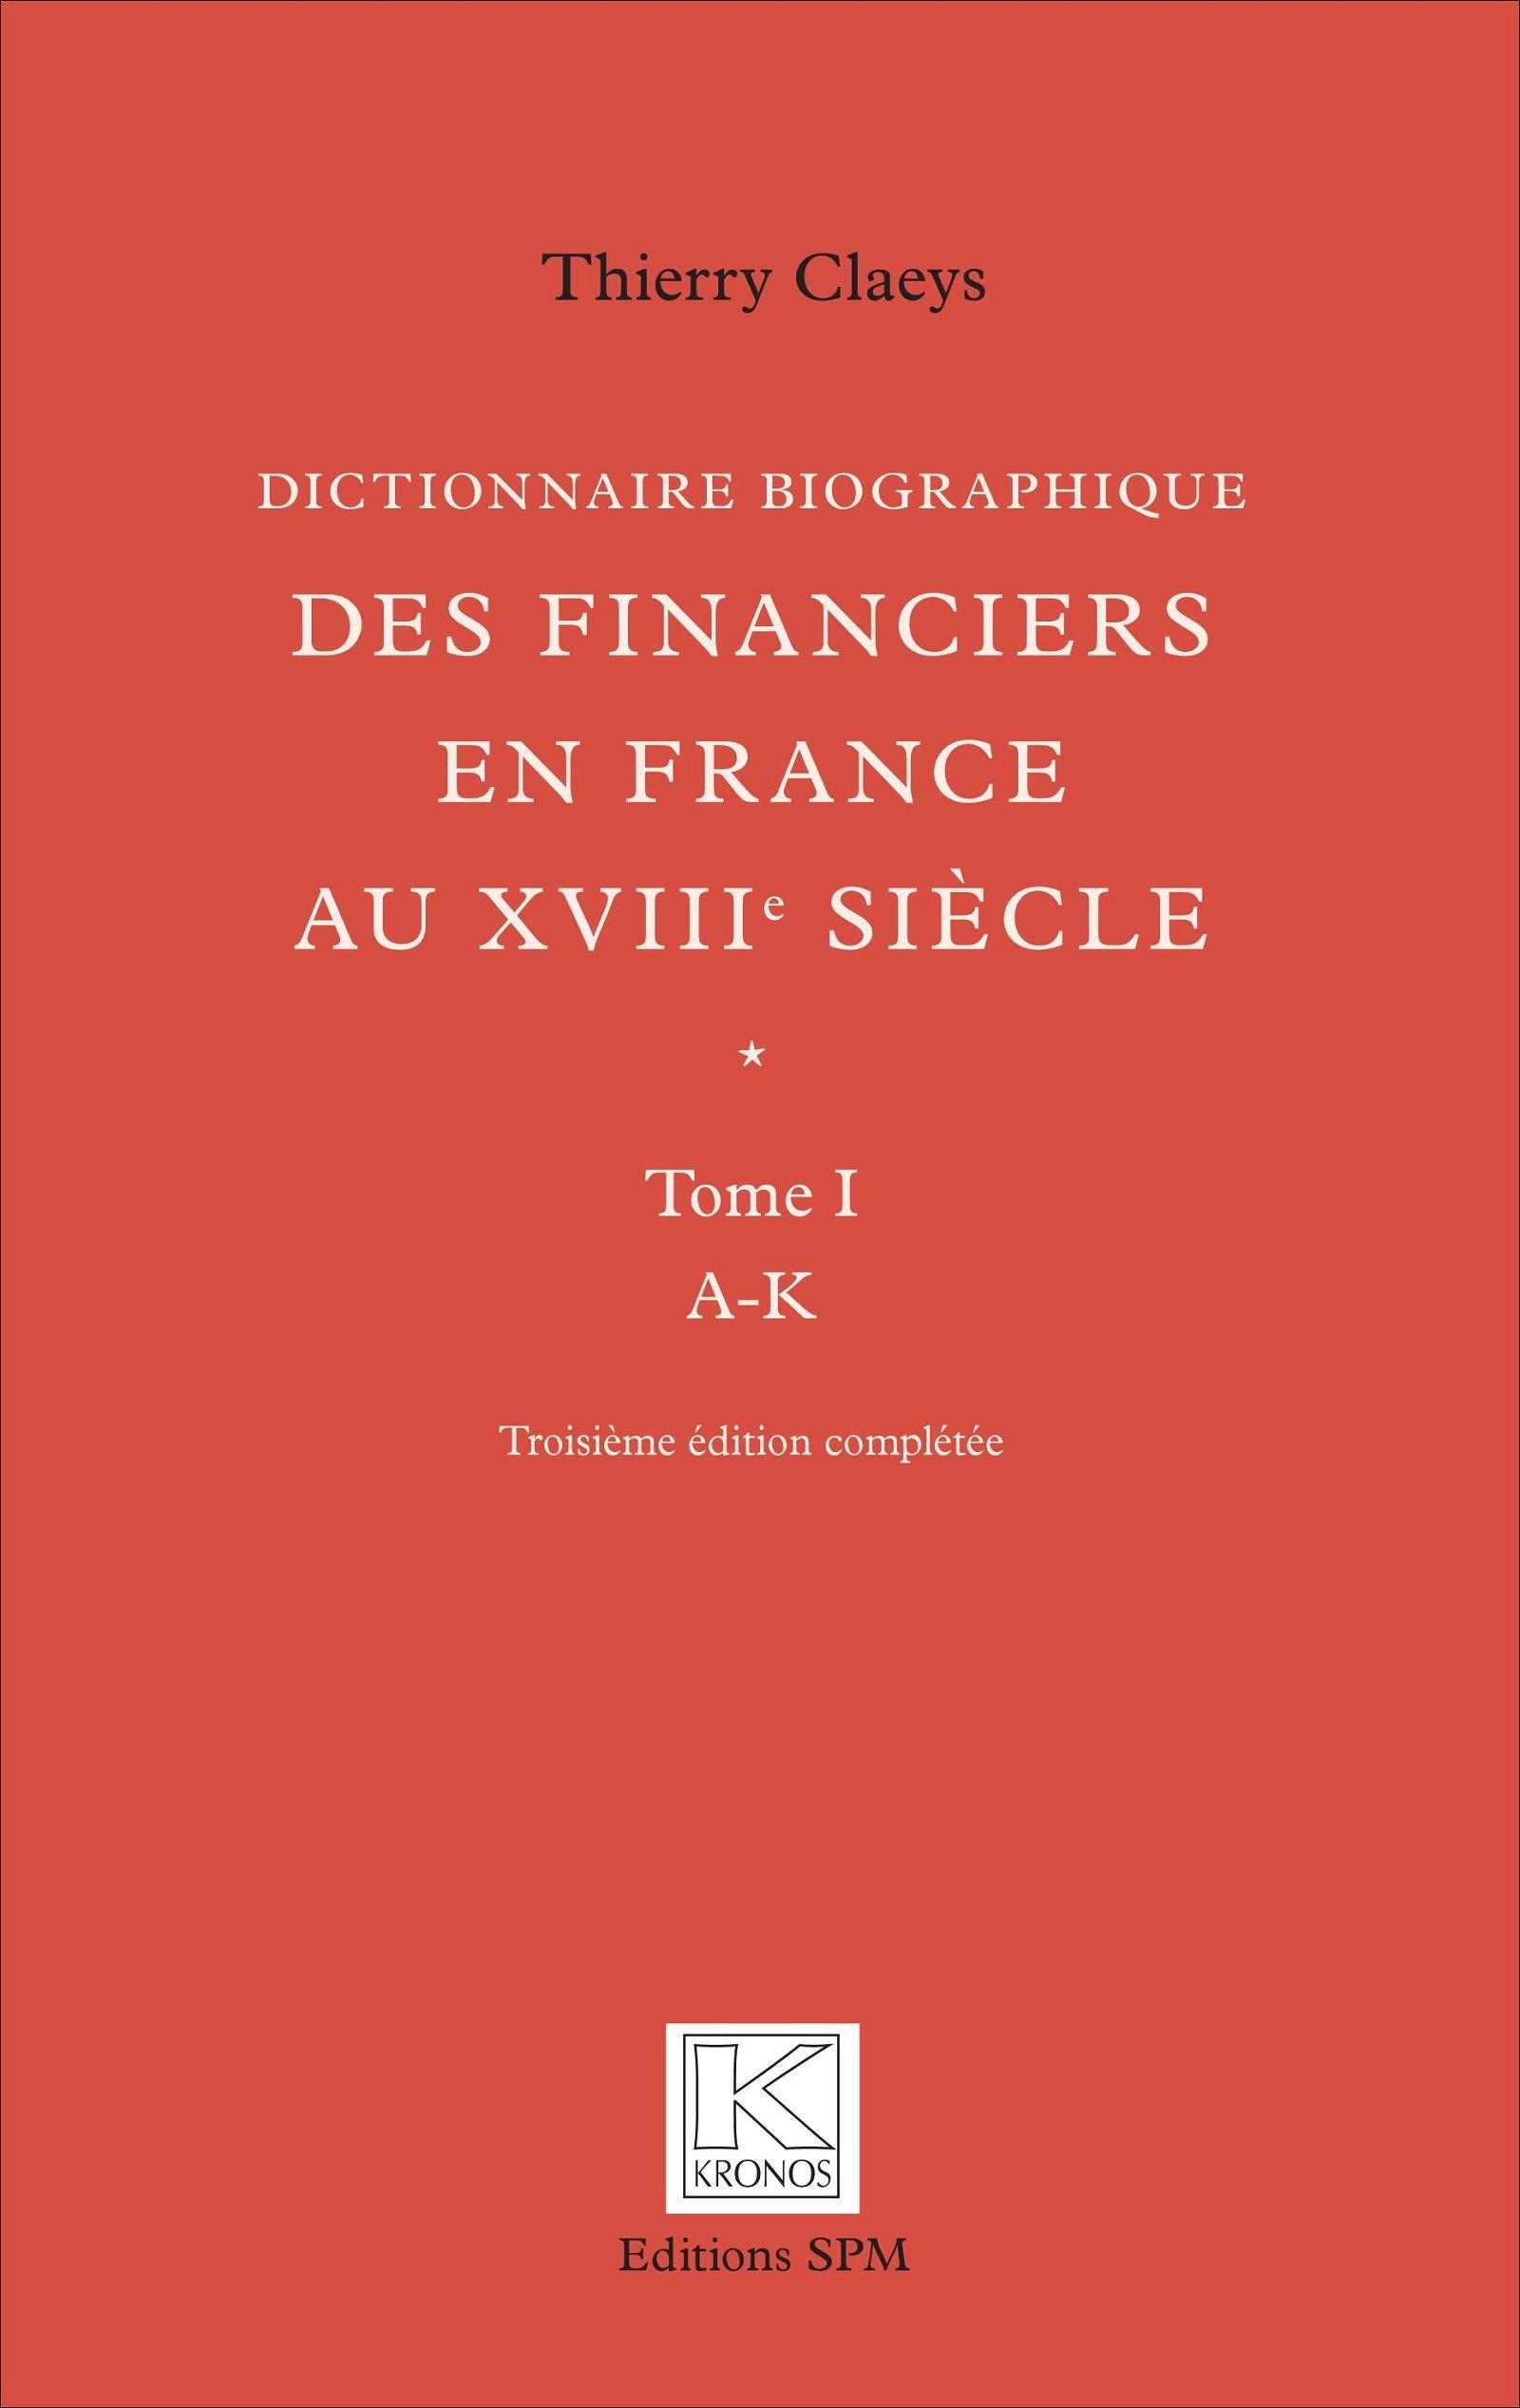 DICTIONNAIRE BIOGRAPHIQUE DES FINANCIERS EN FRANCE AU XVIIIE ...